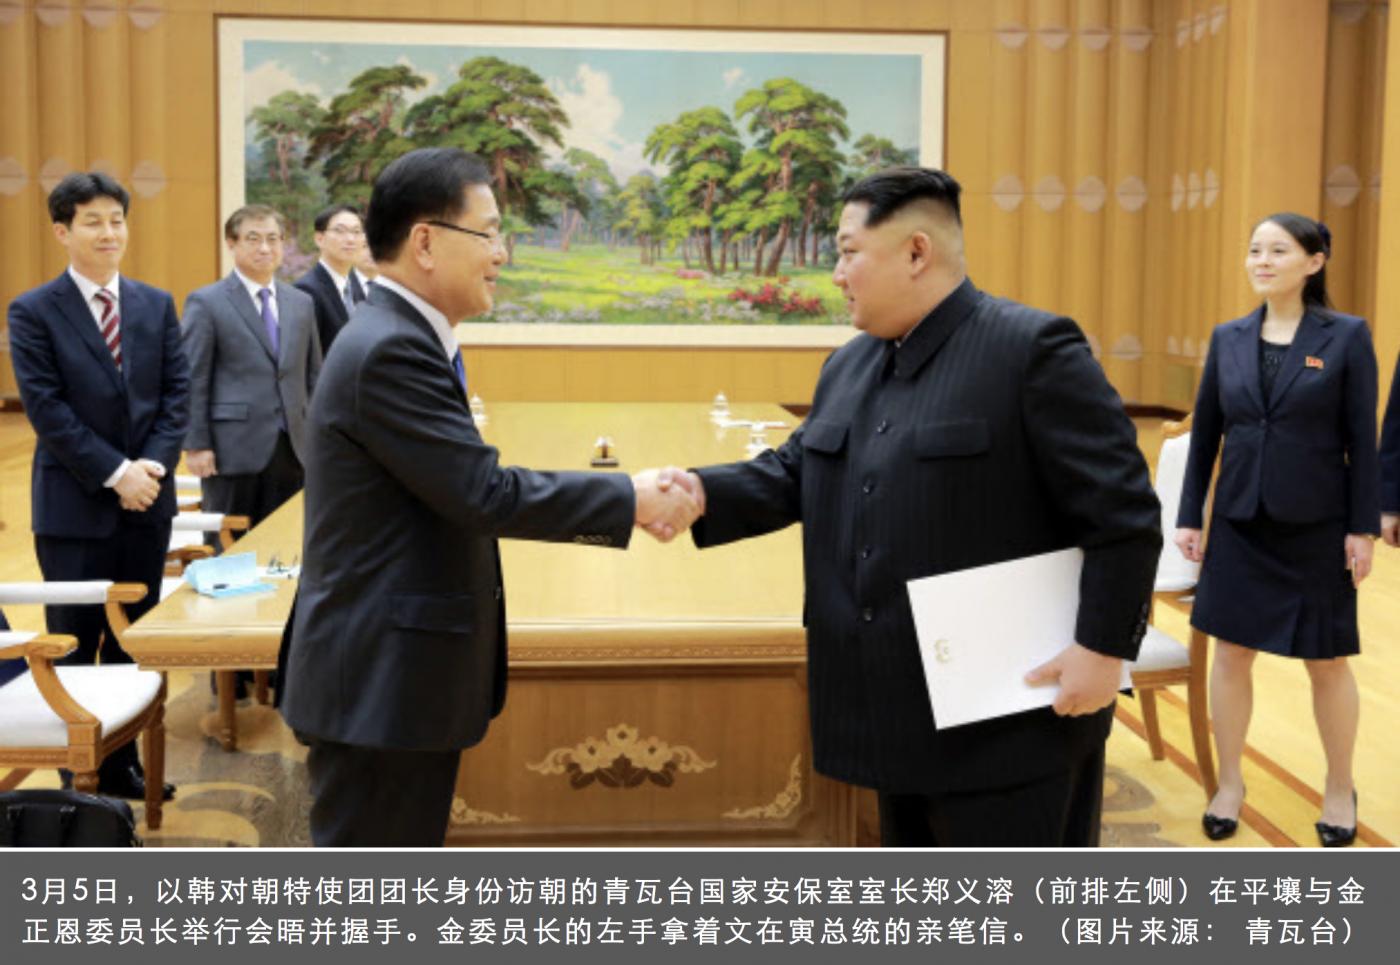 朝鲜半岛局势获重大突破的背后细节_图1-1